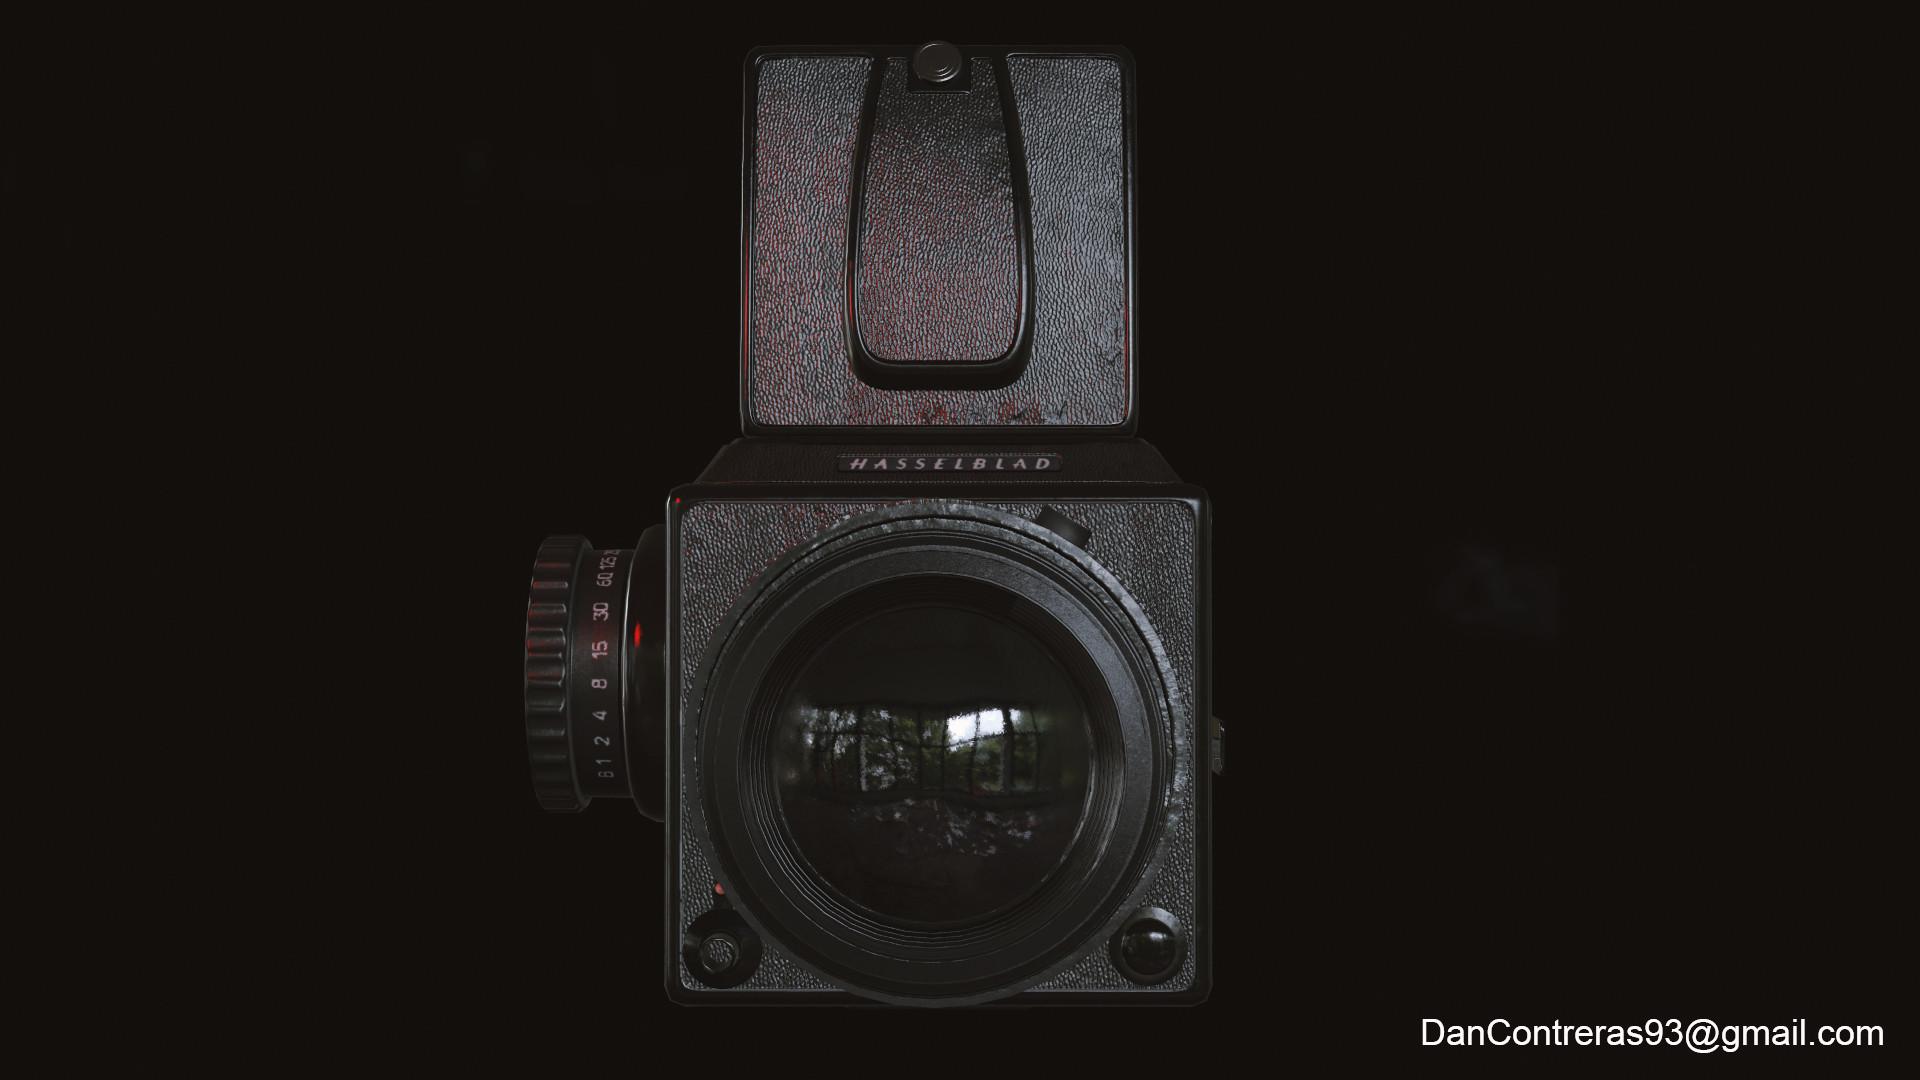 Dan Contreras - Hasselblad 500cm